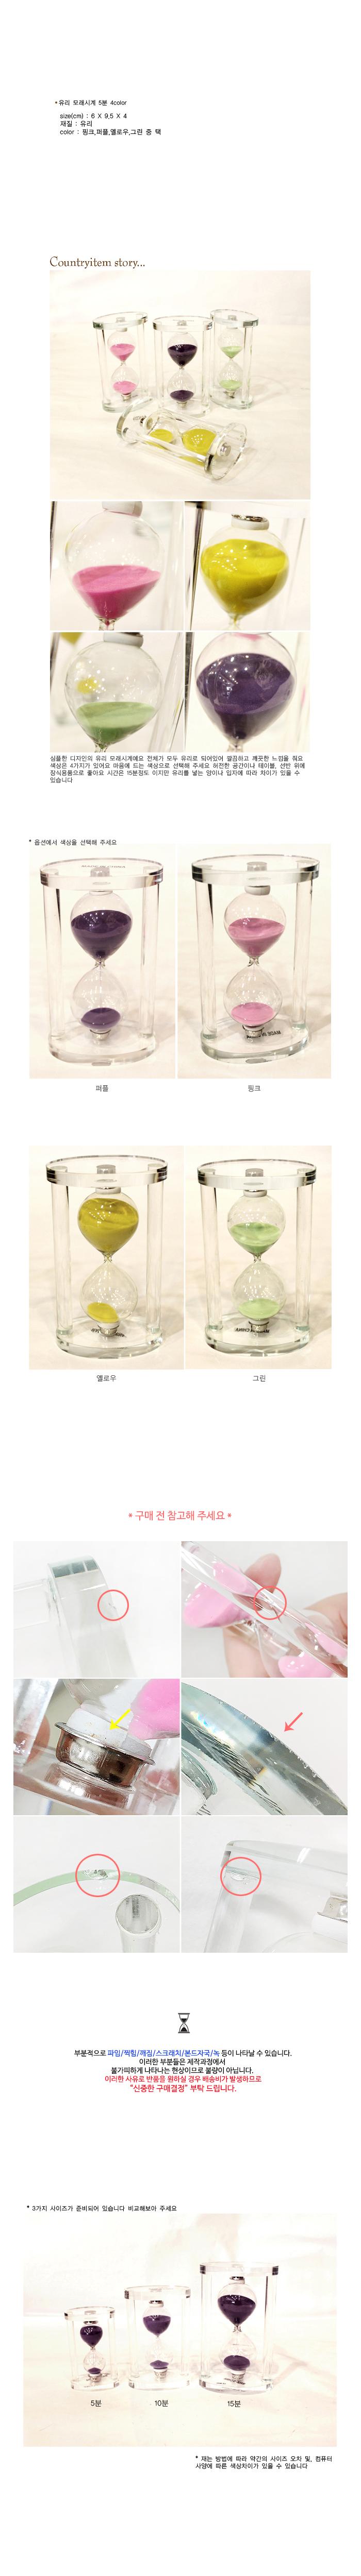 유리 모래시계 5분 4color - 컨츄리아이템, 7,000원, 알람/탁상시계, 디자인시계